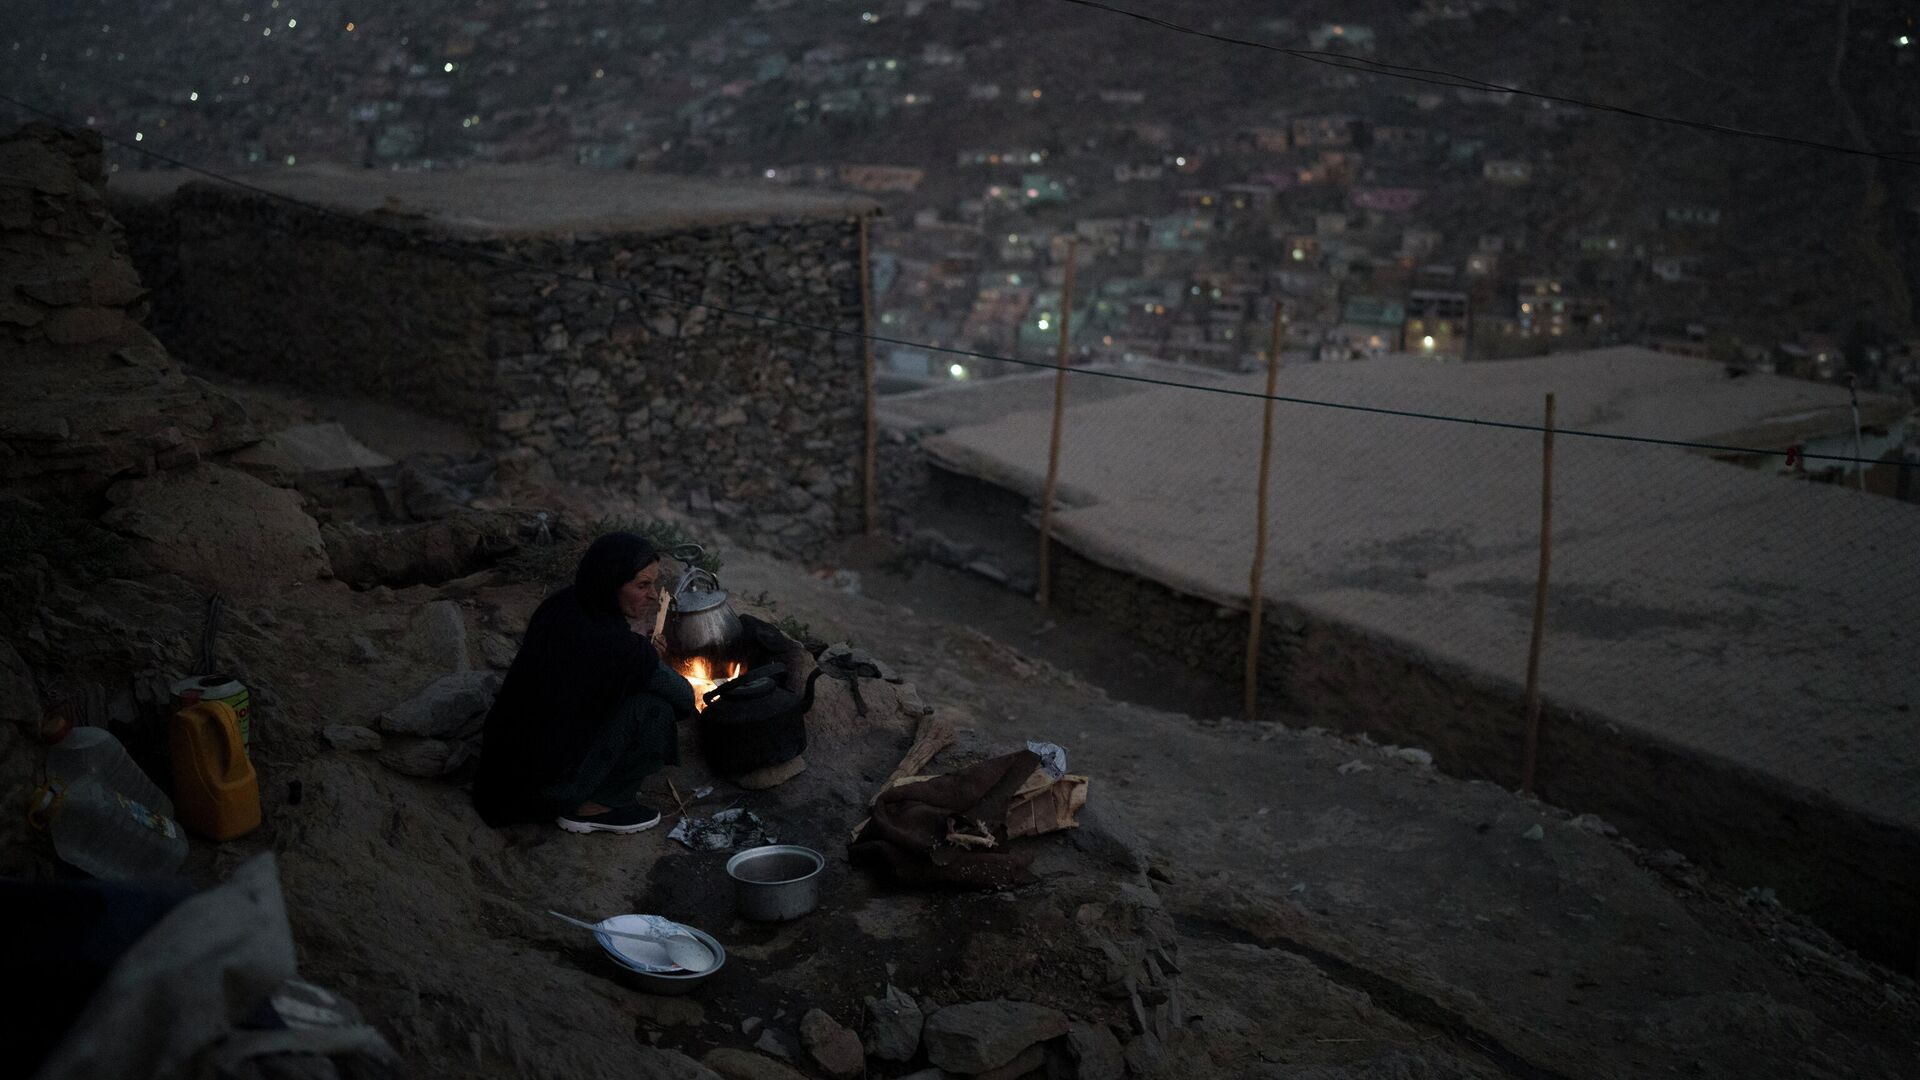 Situación en Afganistán - Sputnik Mundo, 1920, 13.09.2021